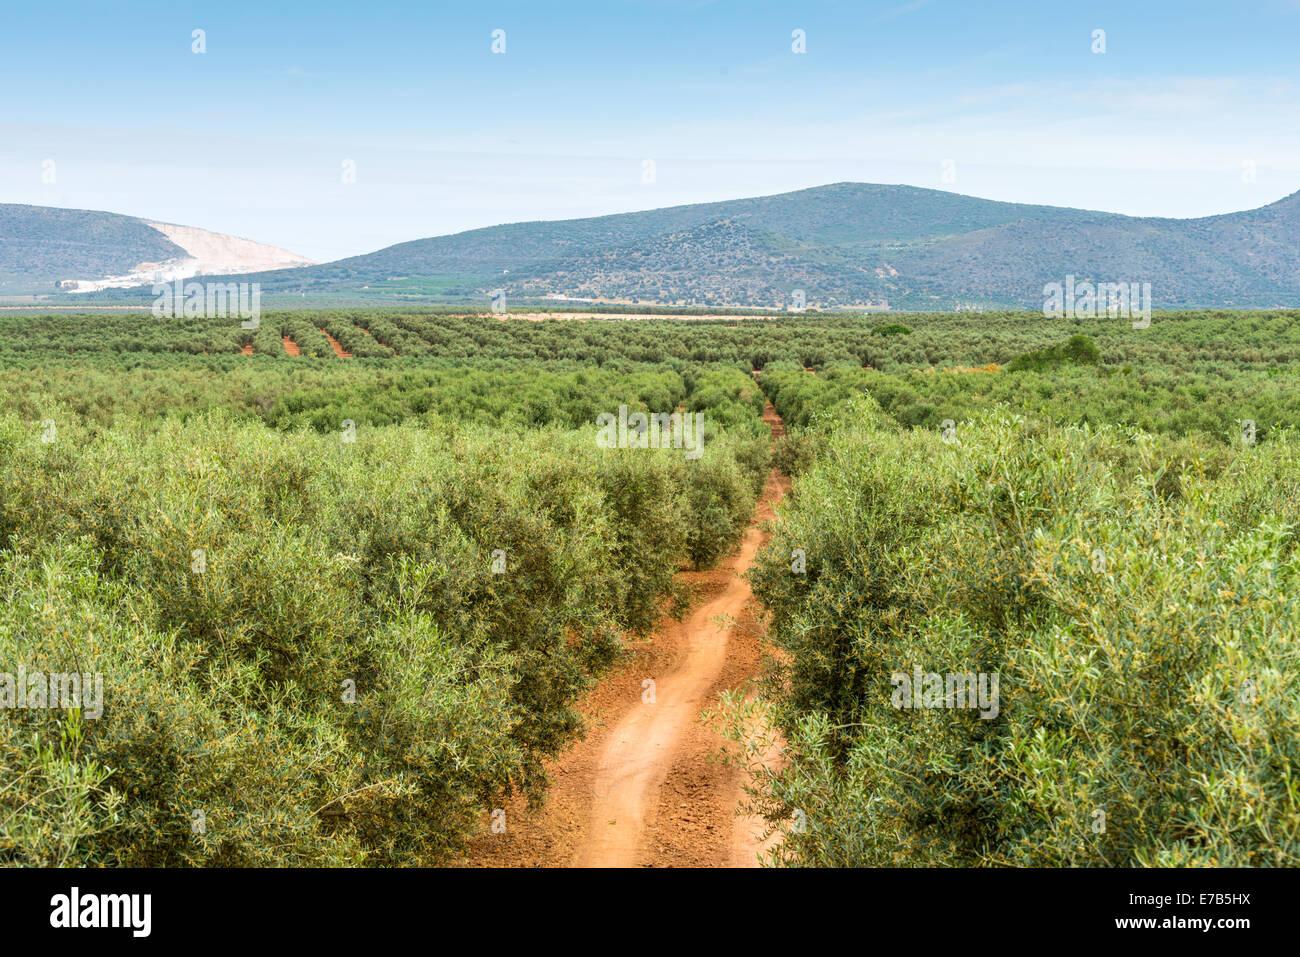 Vista panorámica de olivos y árboles frutales plantados en hileras. España. Imagen De Stock